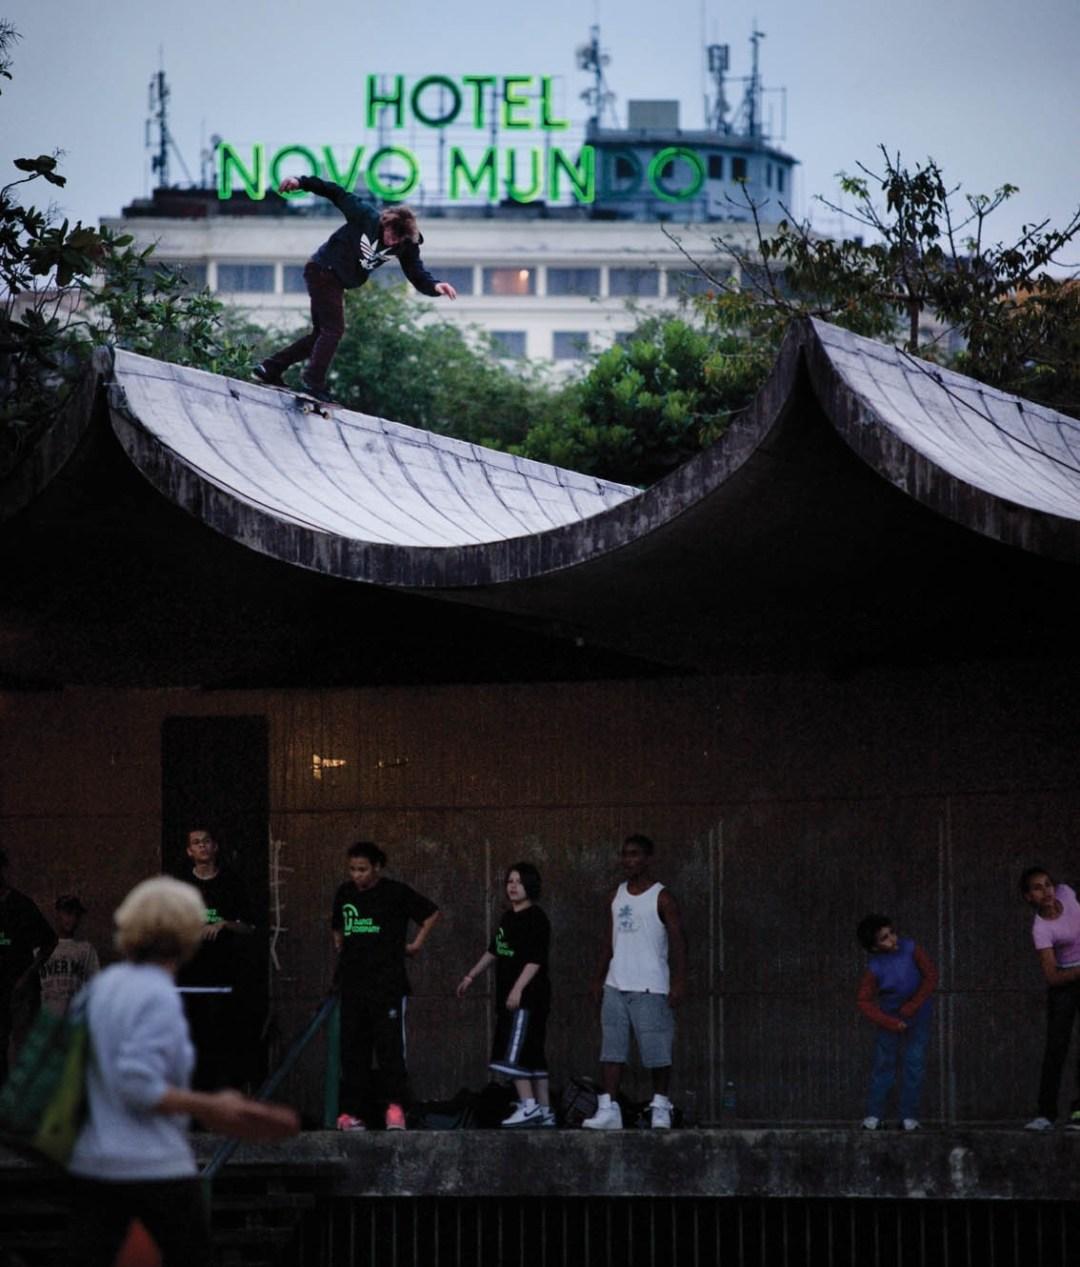 Silas Baxter-Neal. Backside Disaster. Rio de Janeiro